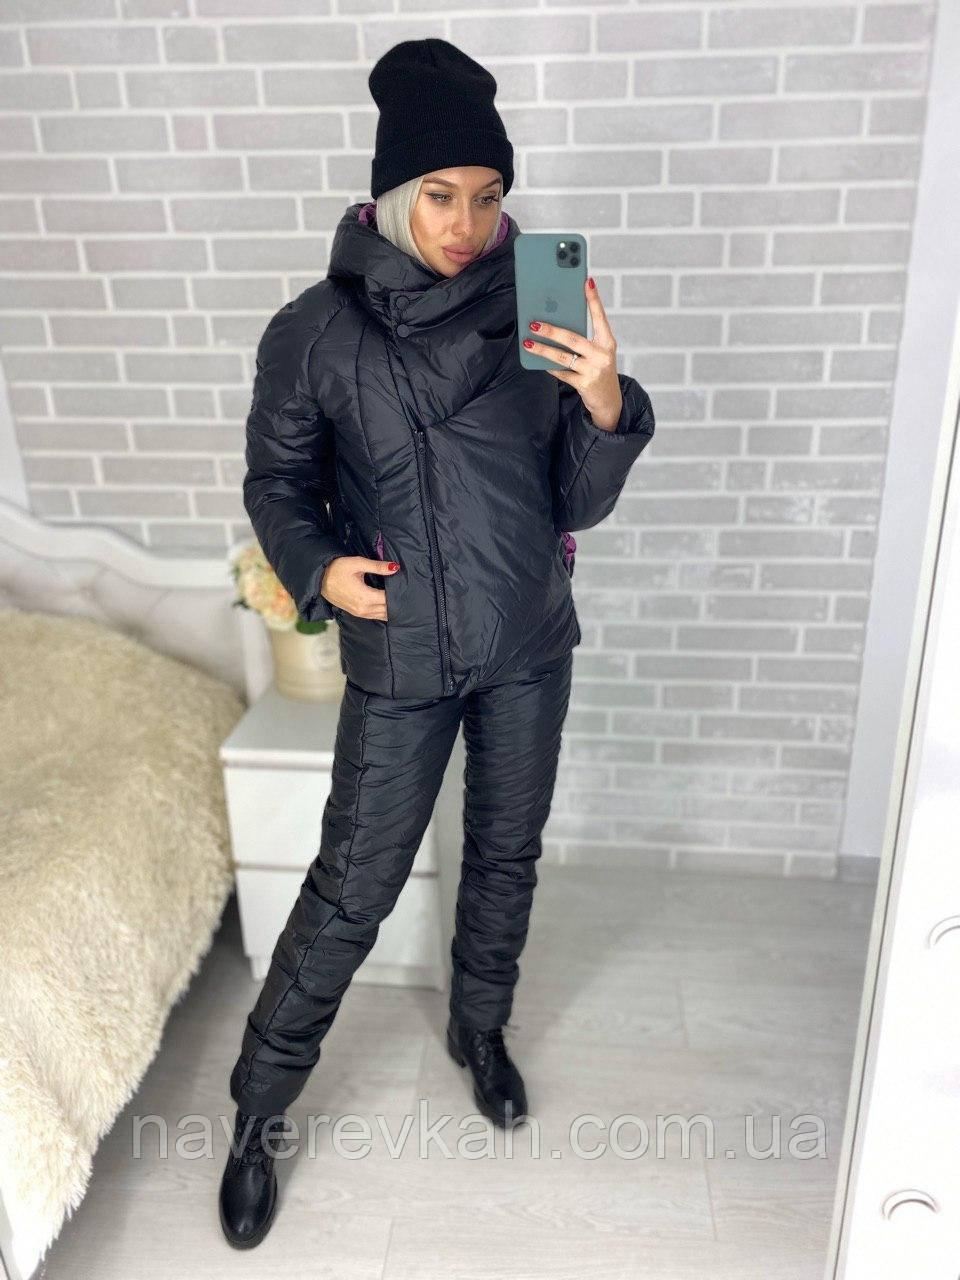 Женский зимний теплый спортивный костюм плащевка на синтепоне черный серый 42 44 46